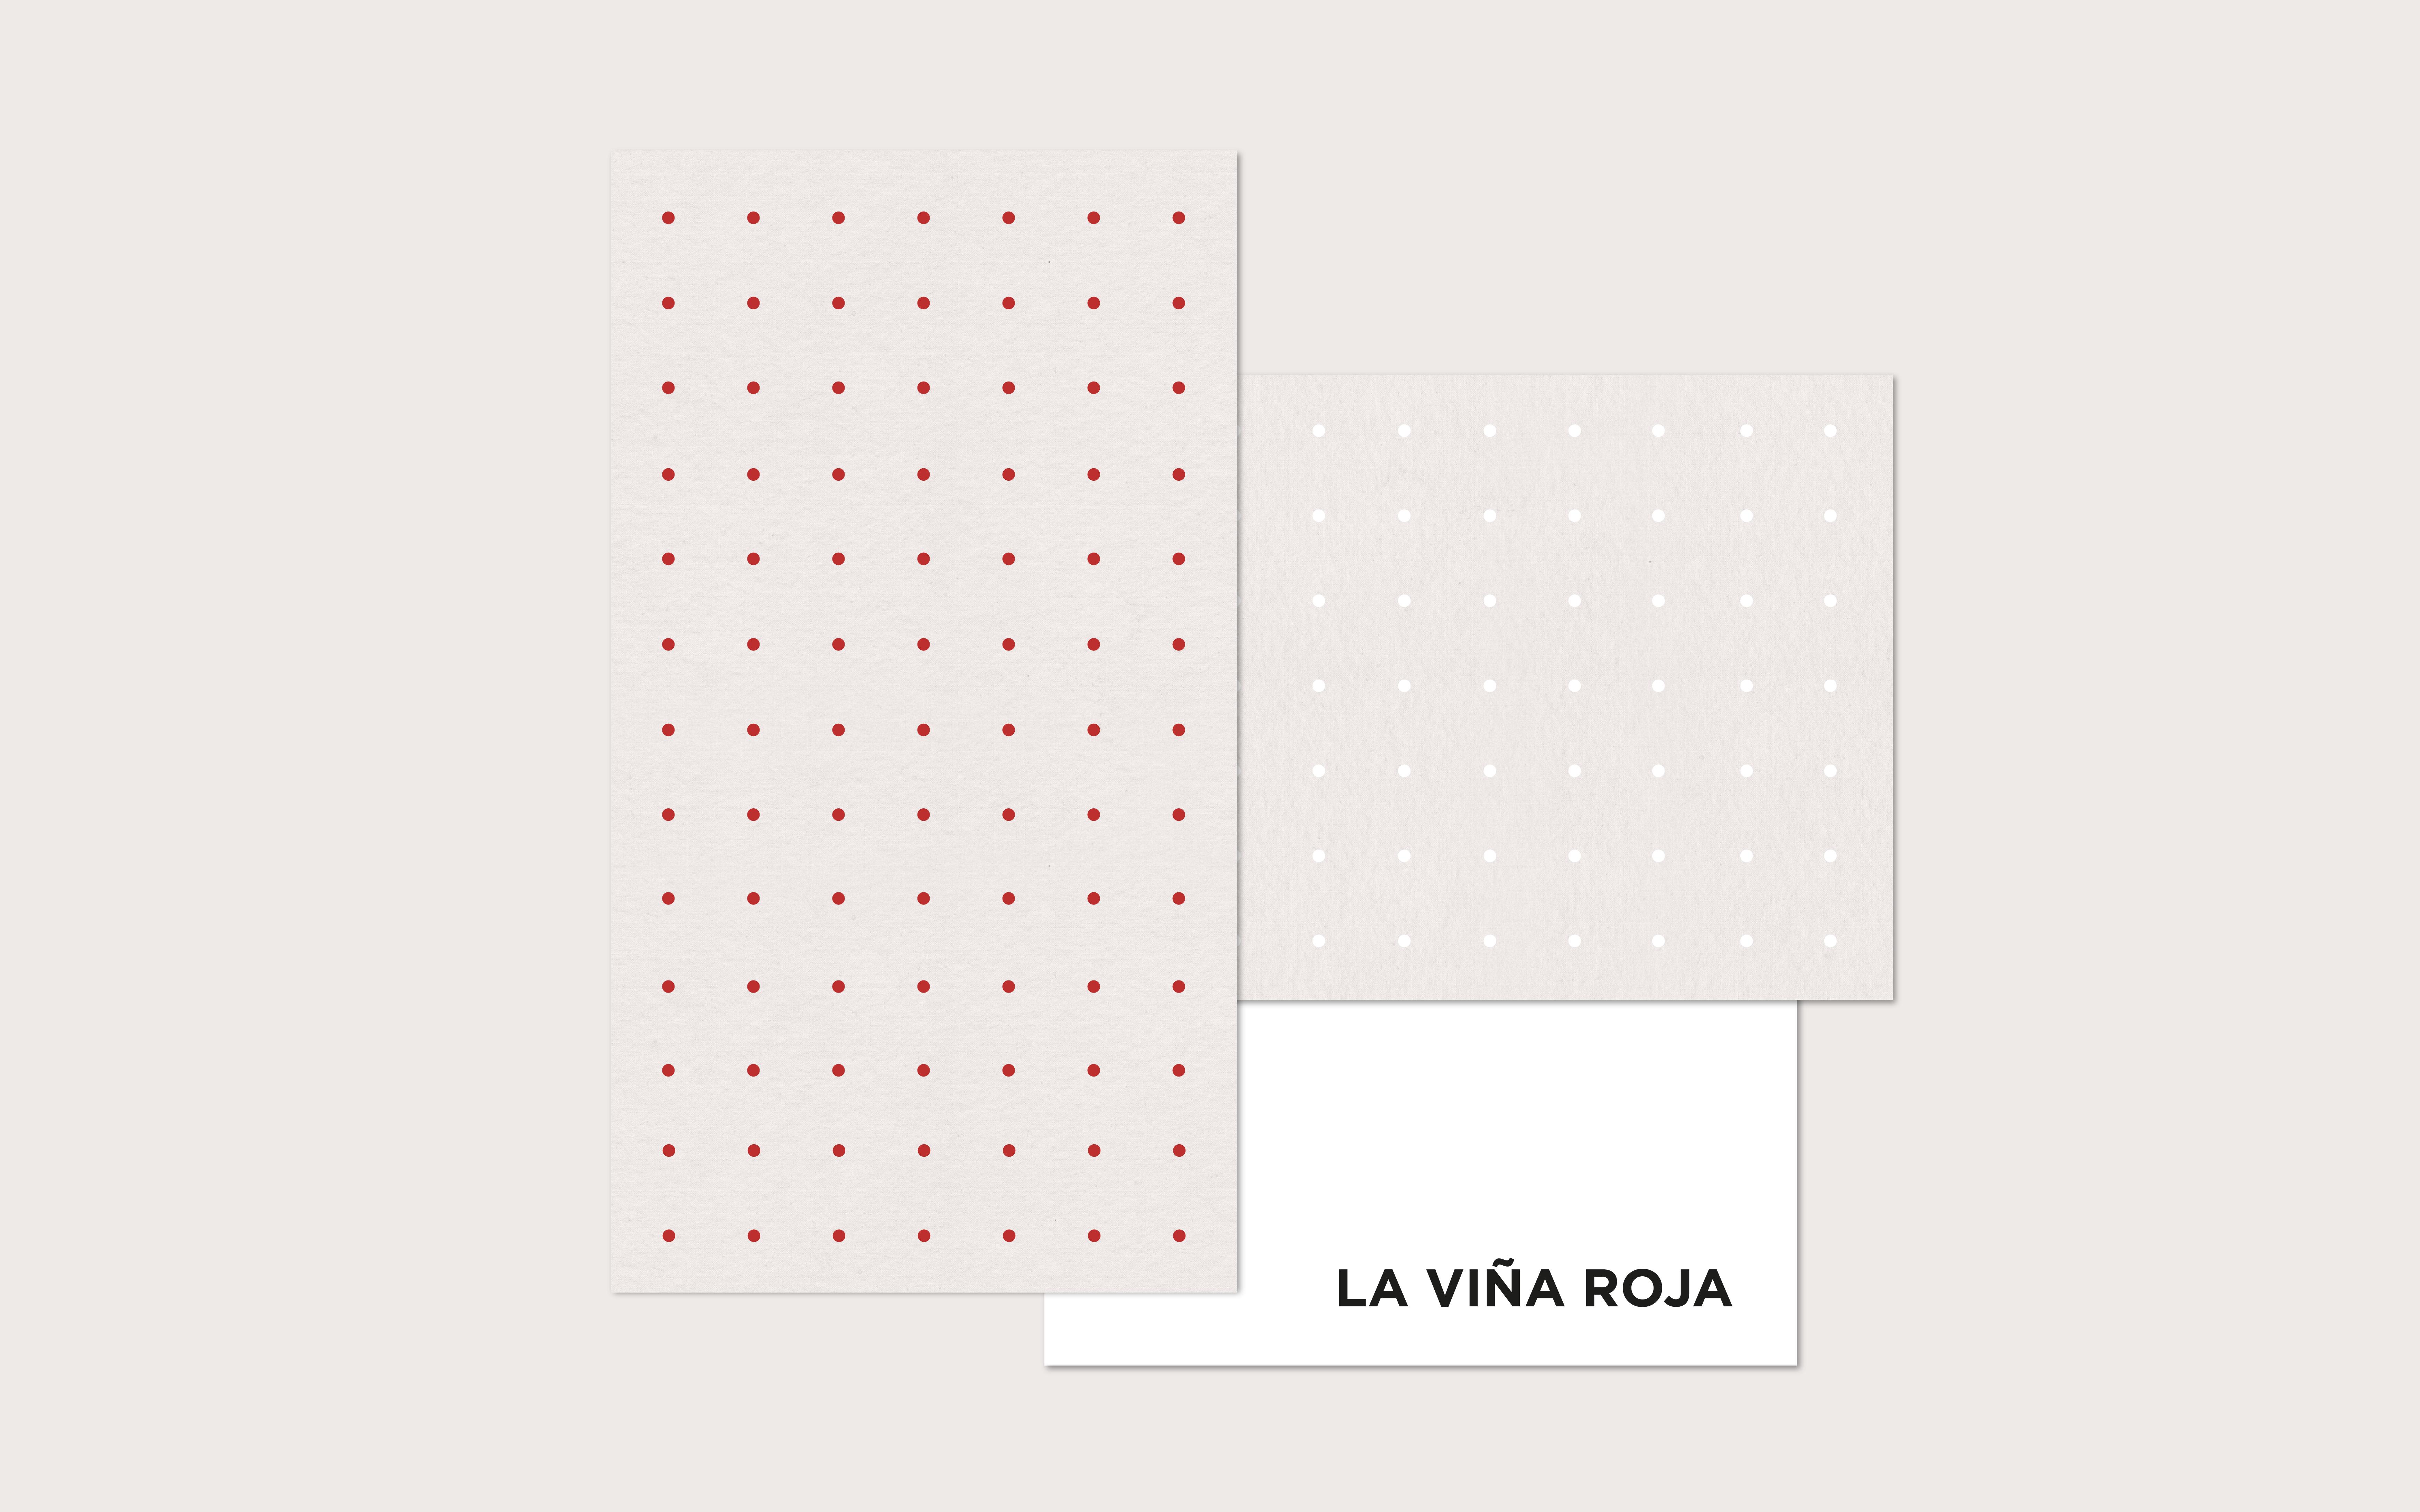 vinaroja_2016_v1-07